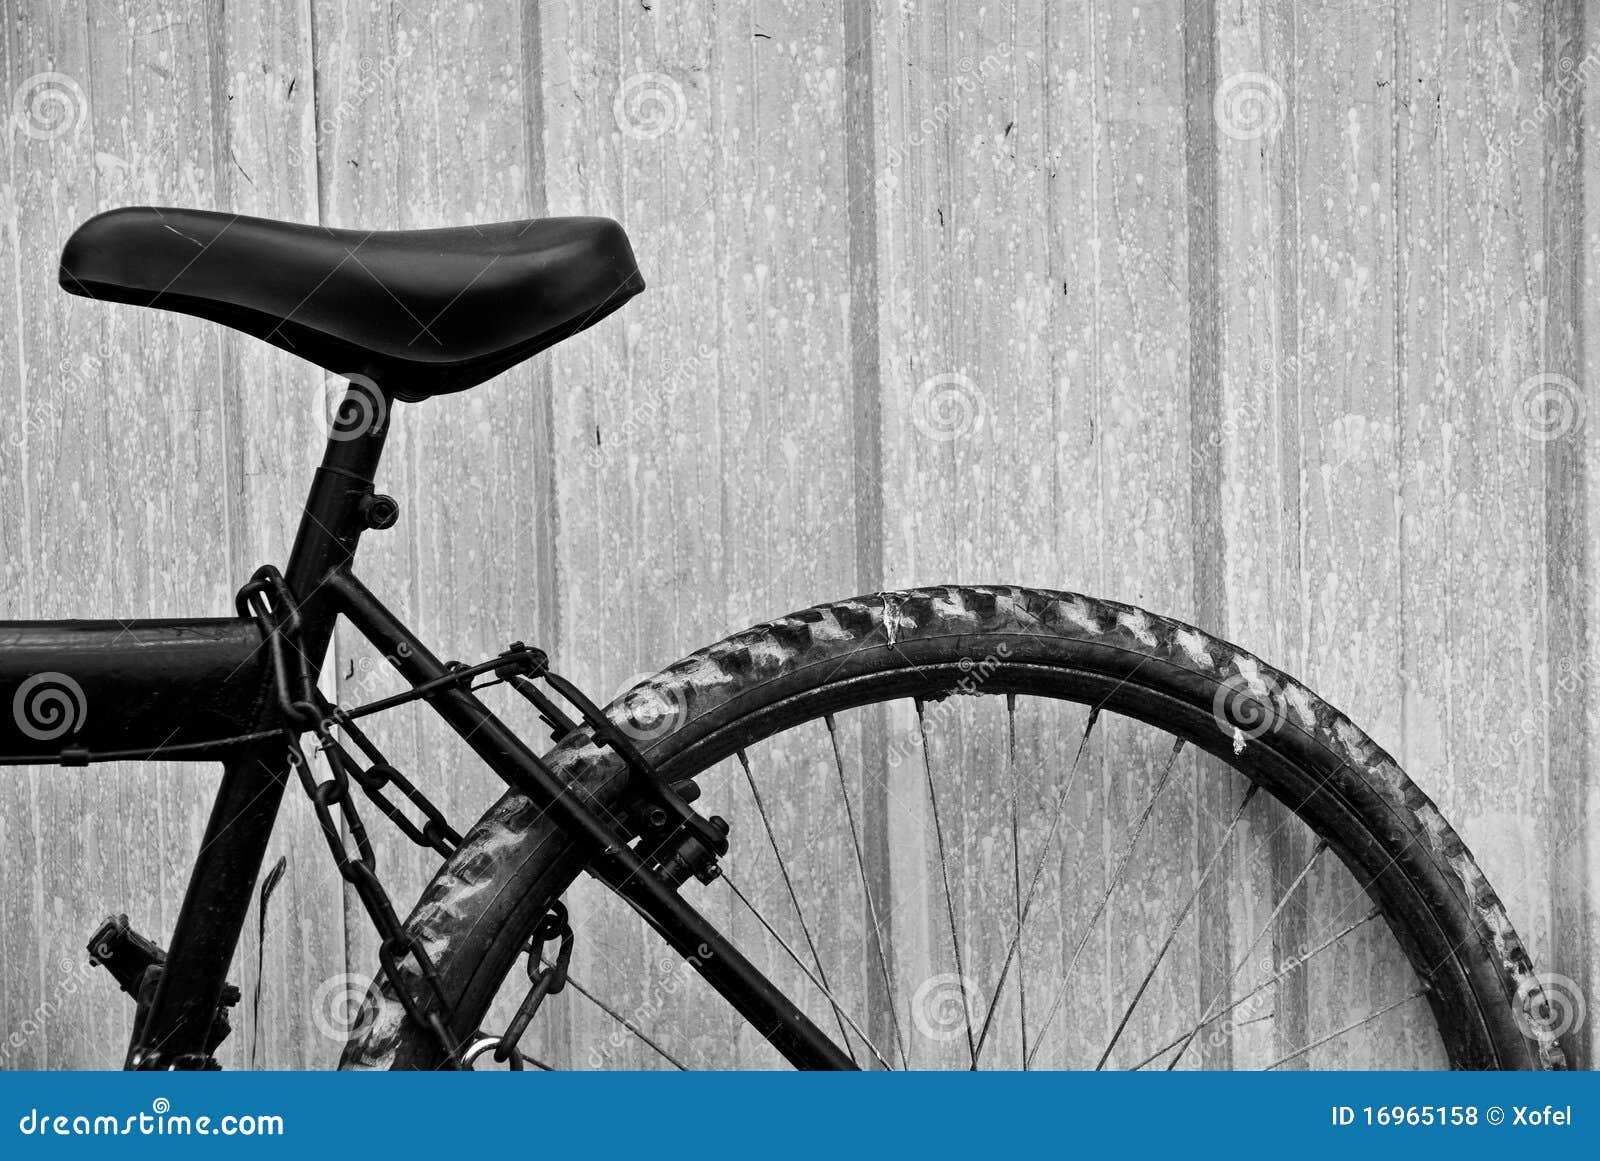 verlassenes fahrrad durch einen zaun stockfoto bild. Black Bedroom Furniture Sets. Home Design Ideas